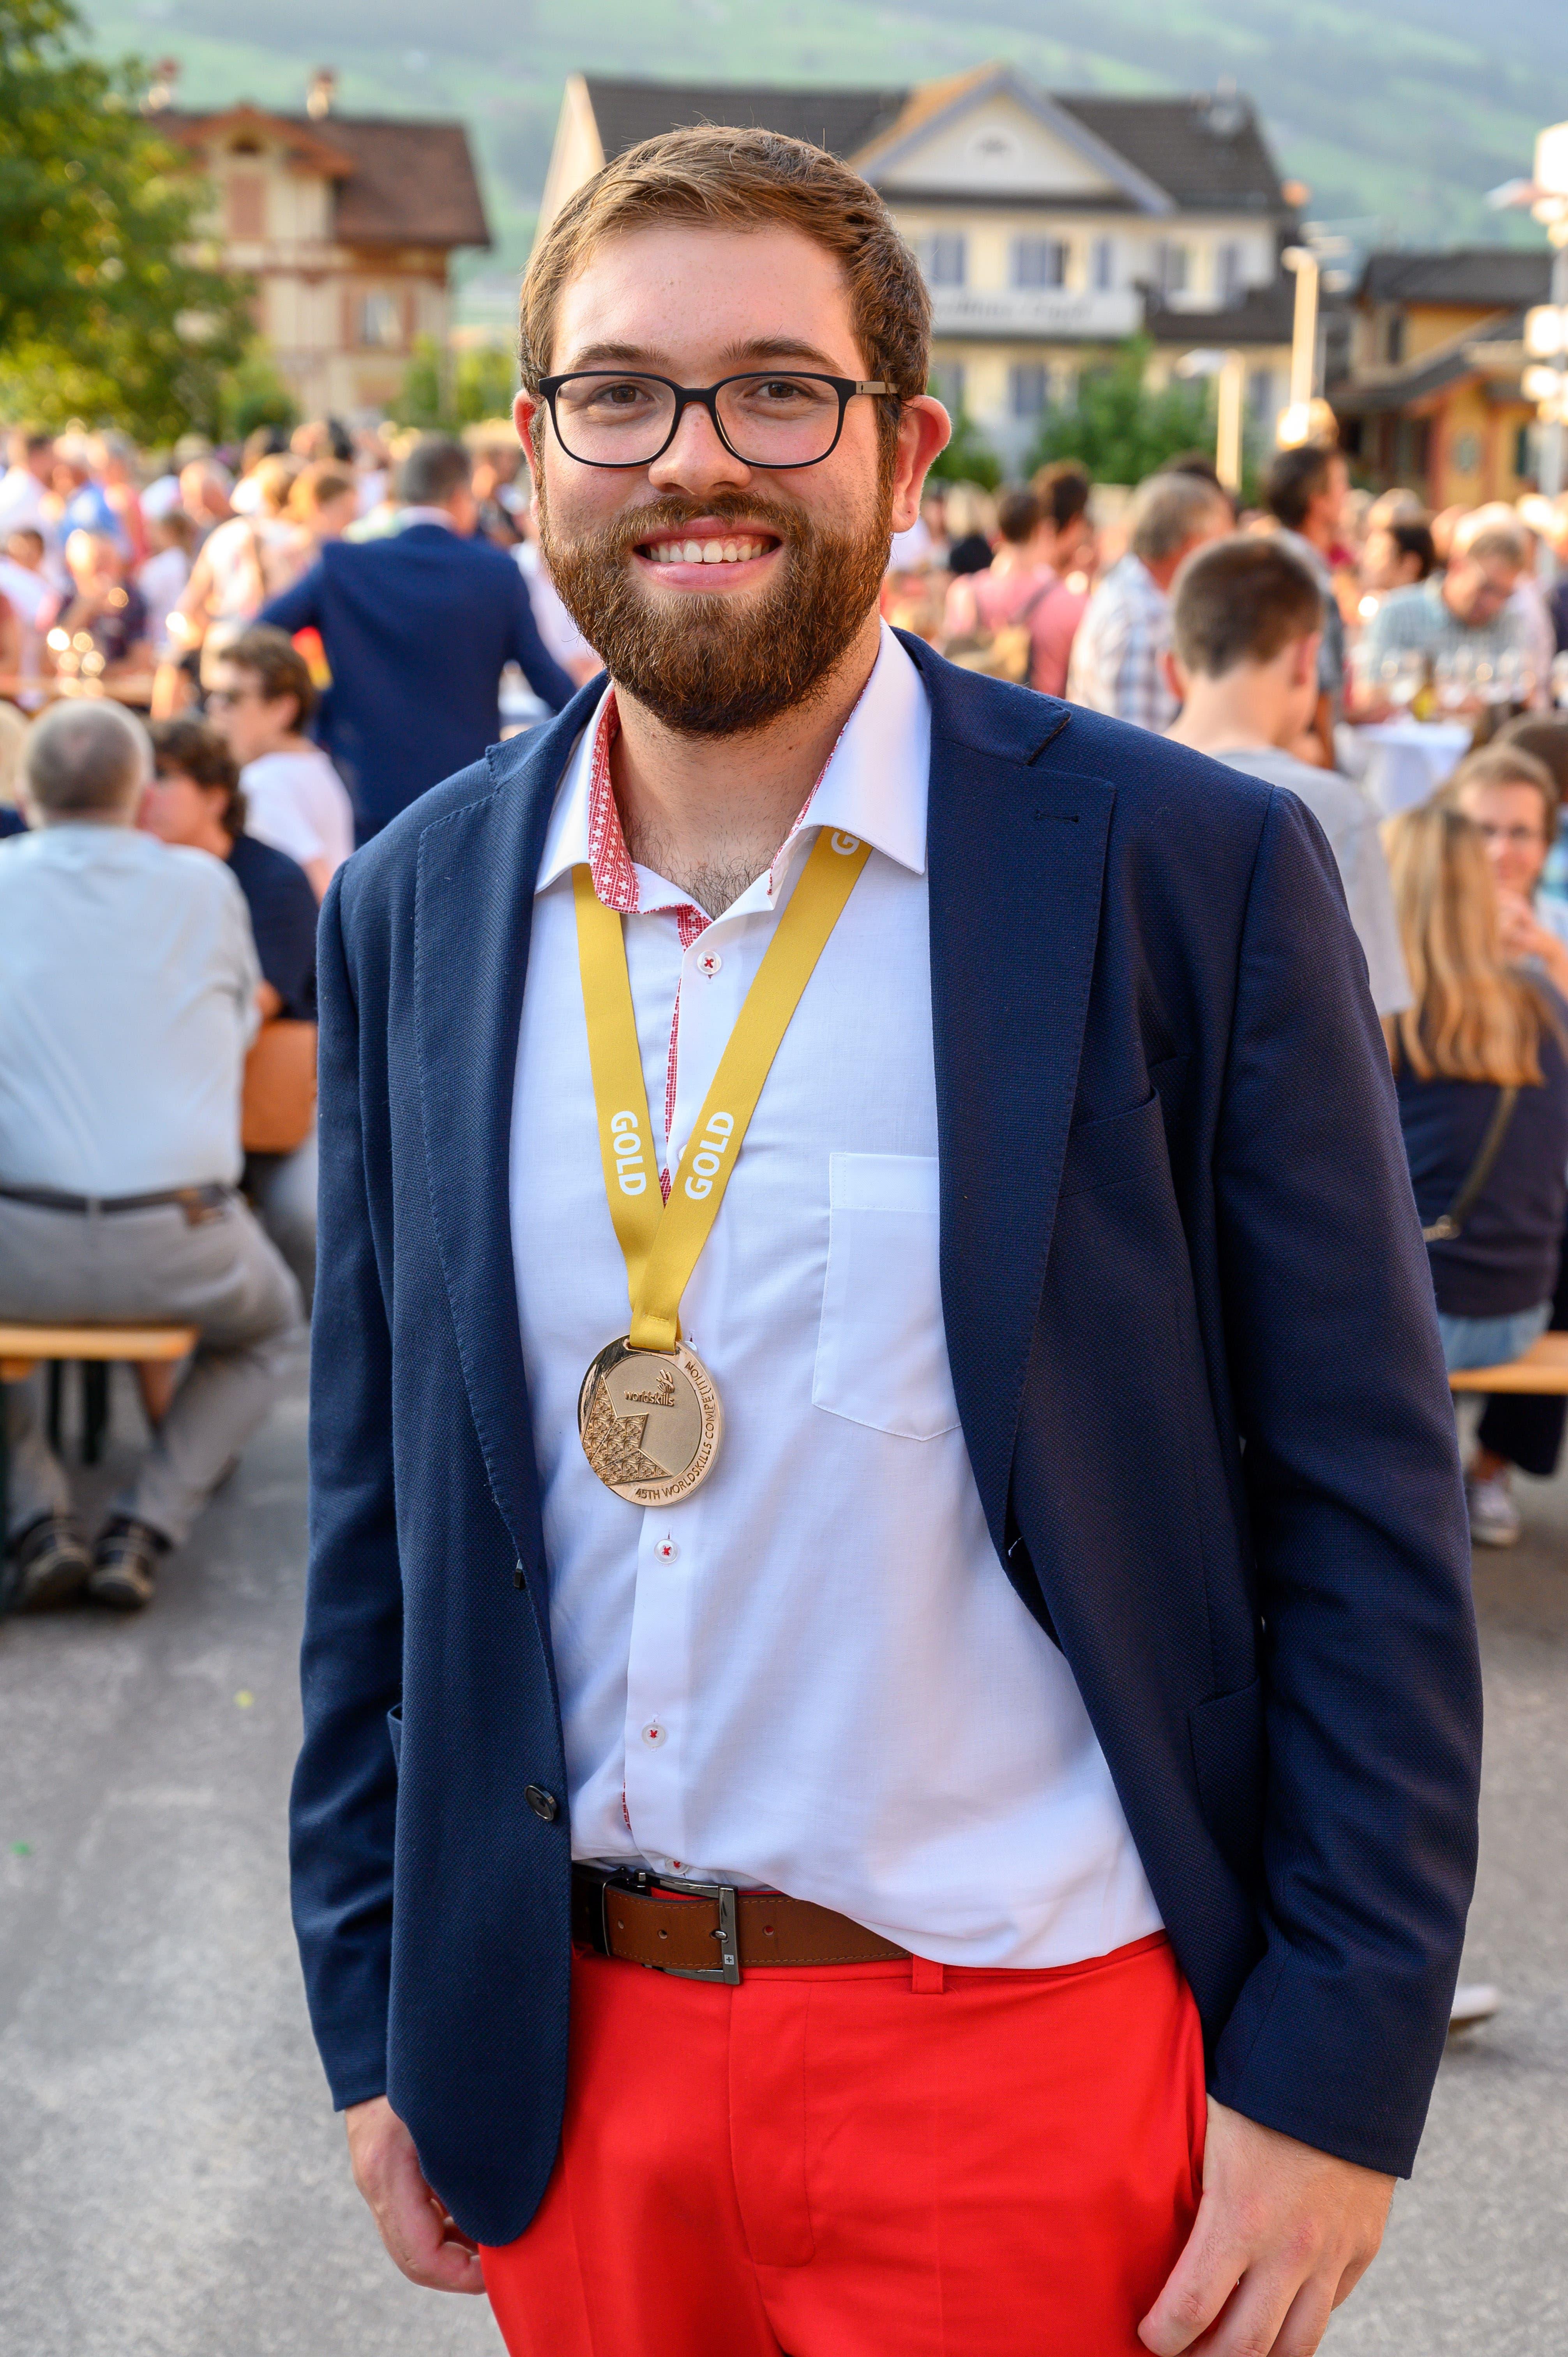 Mario Enz aus Giswil gewann Gold als Landschaftsgärtner. (Bild: Izedin Arnautovic, 29. August 2019)